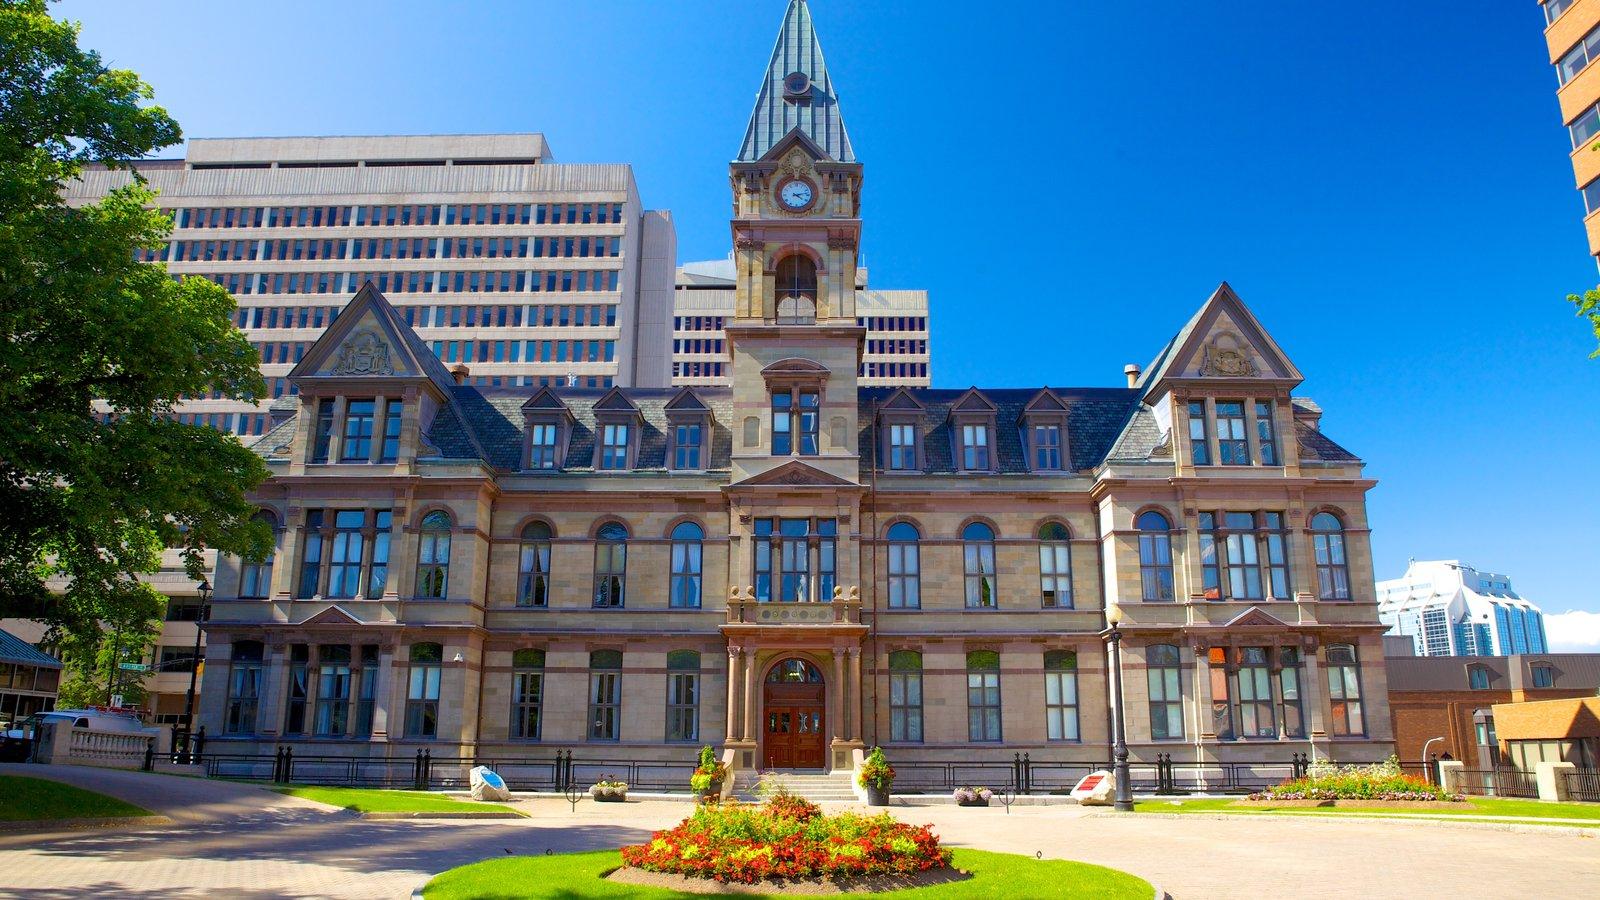 Halifax ofreciendo patrimonio de arquitectura y un edificio administrativo